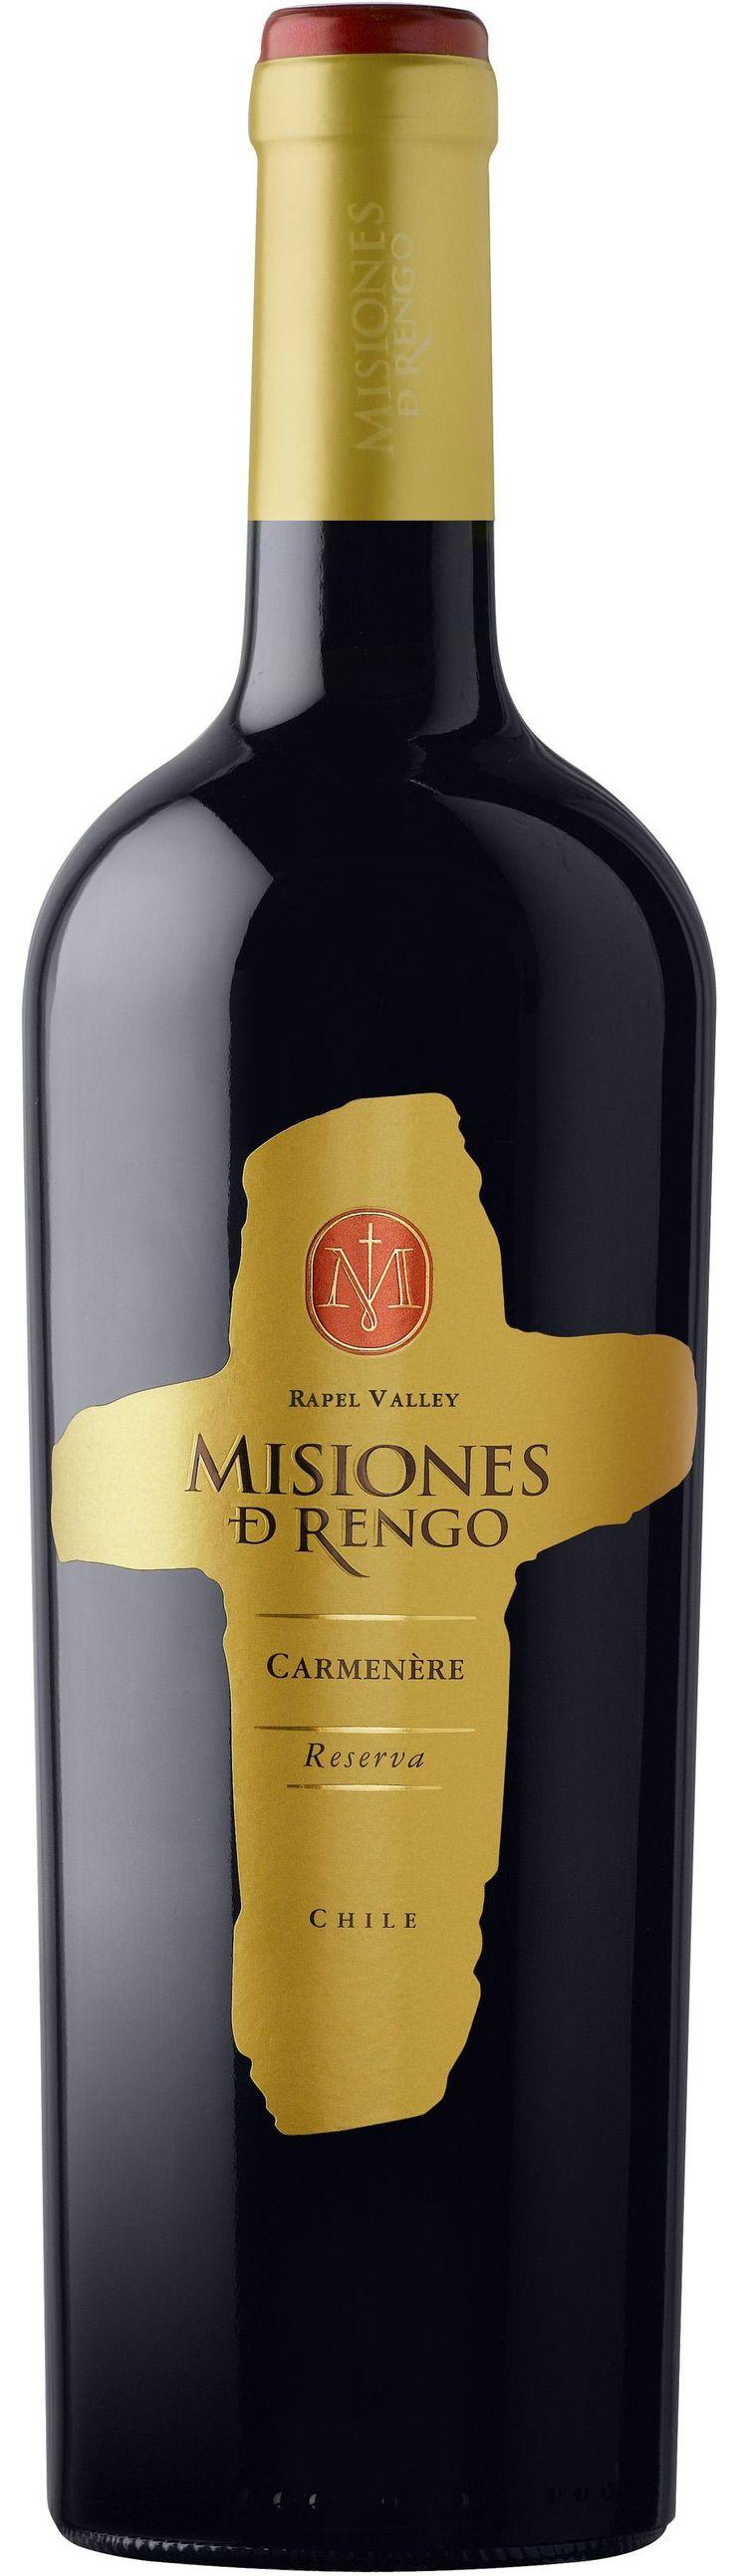 #wijn #misionesderengo #carmenere http://www.wijnplaza.be/misiones-di-rengo-carmenere-reserva-chili.html